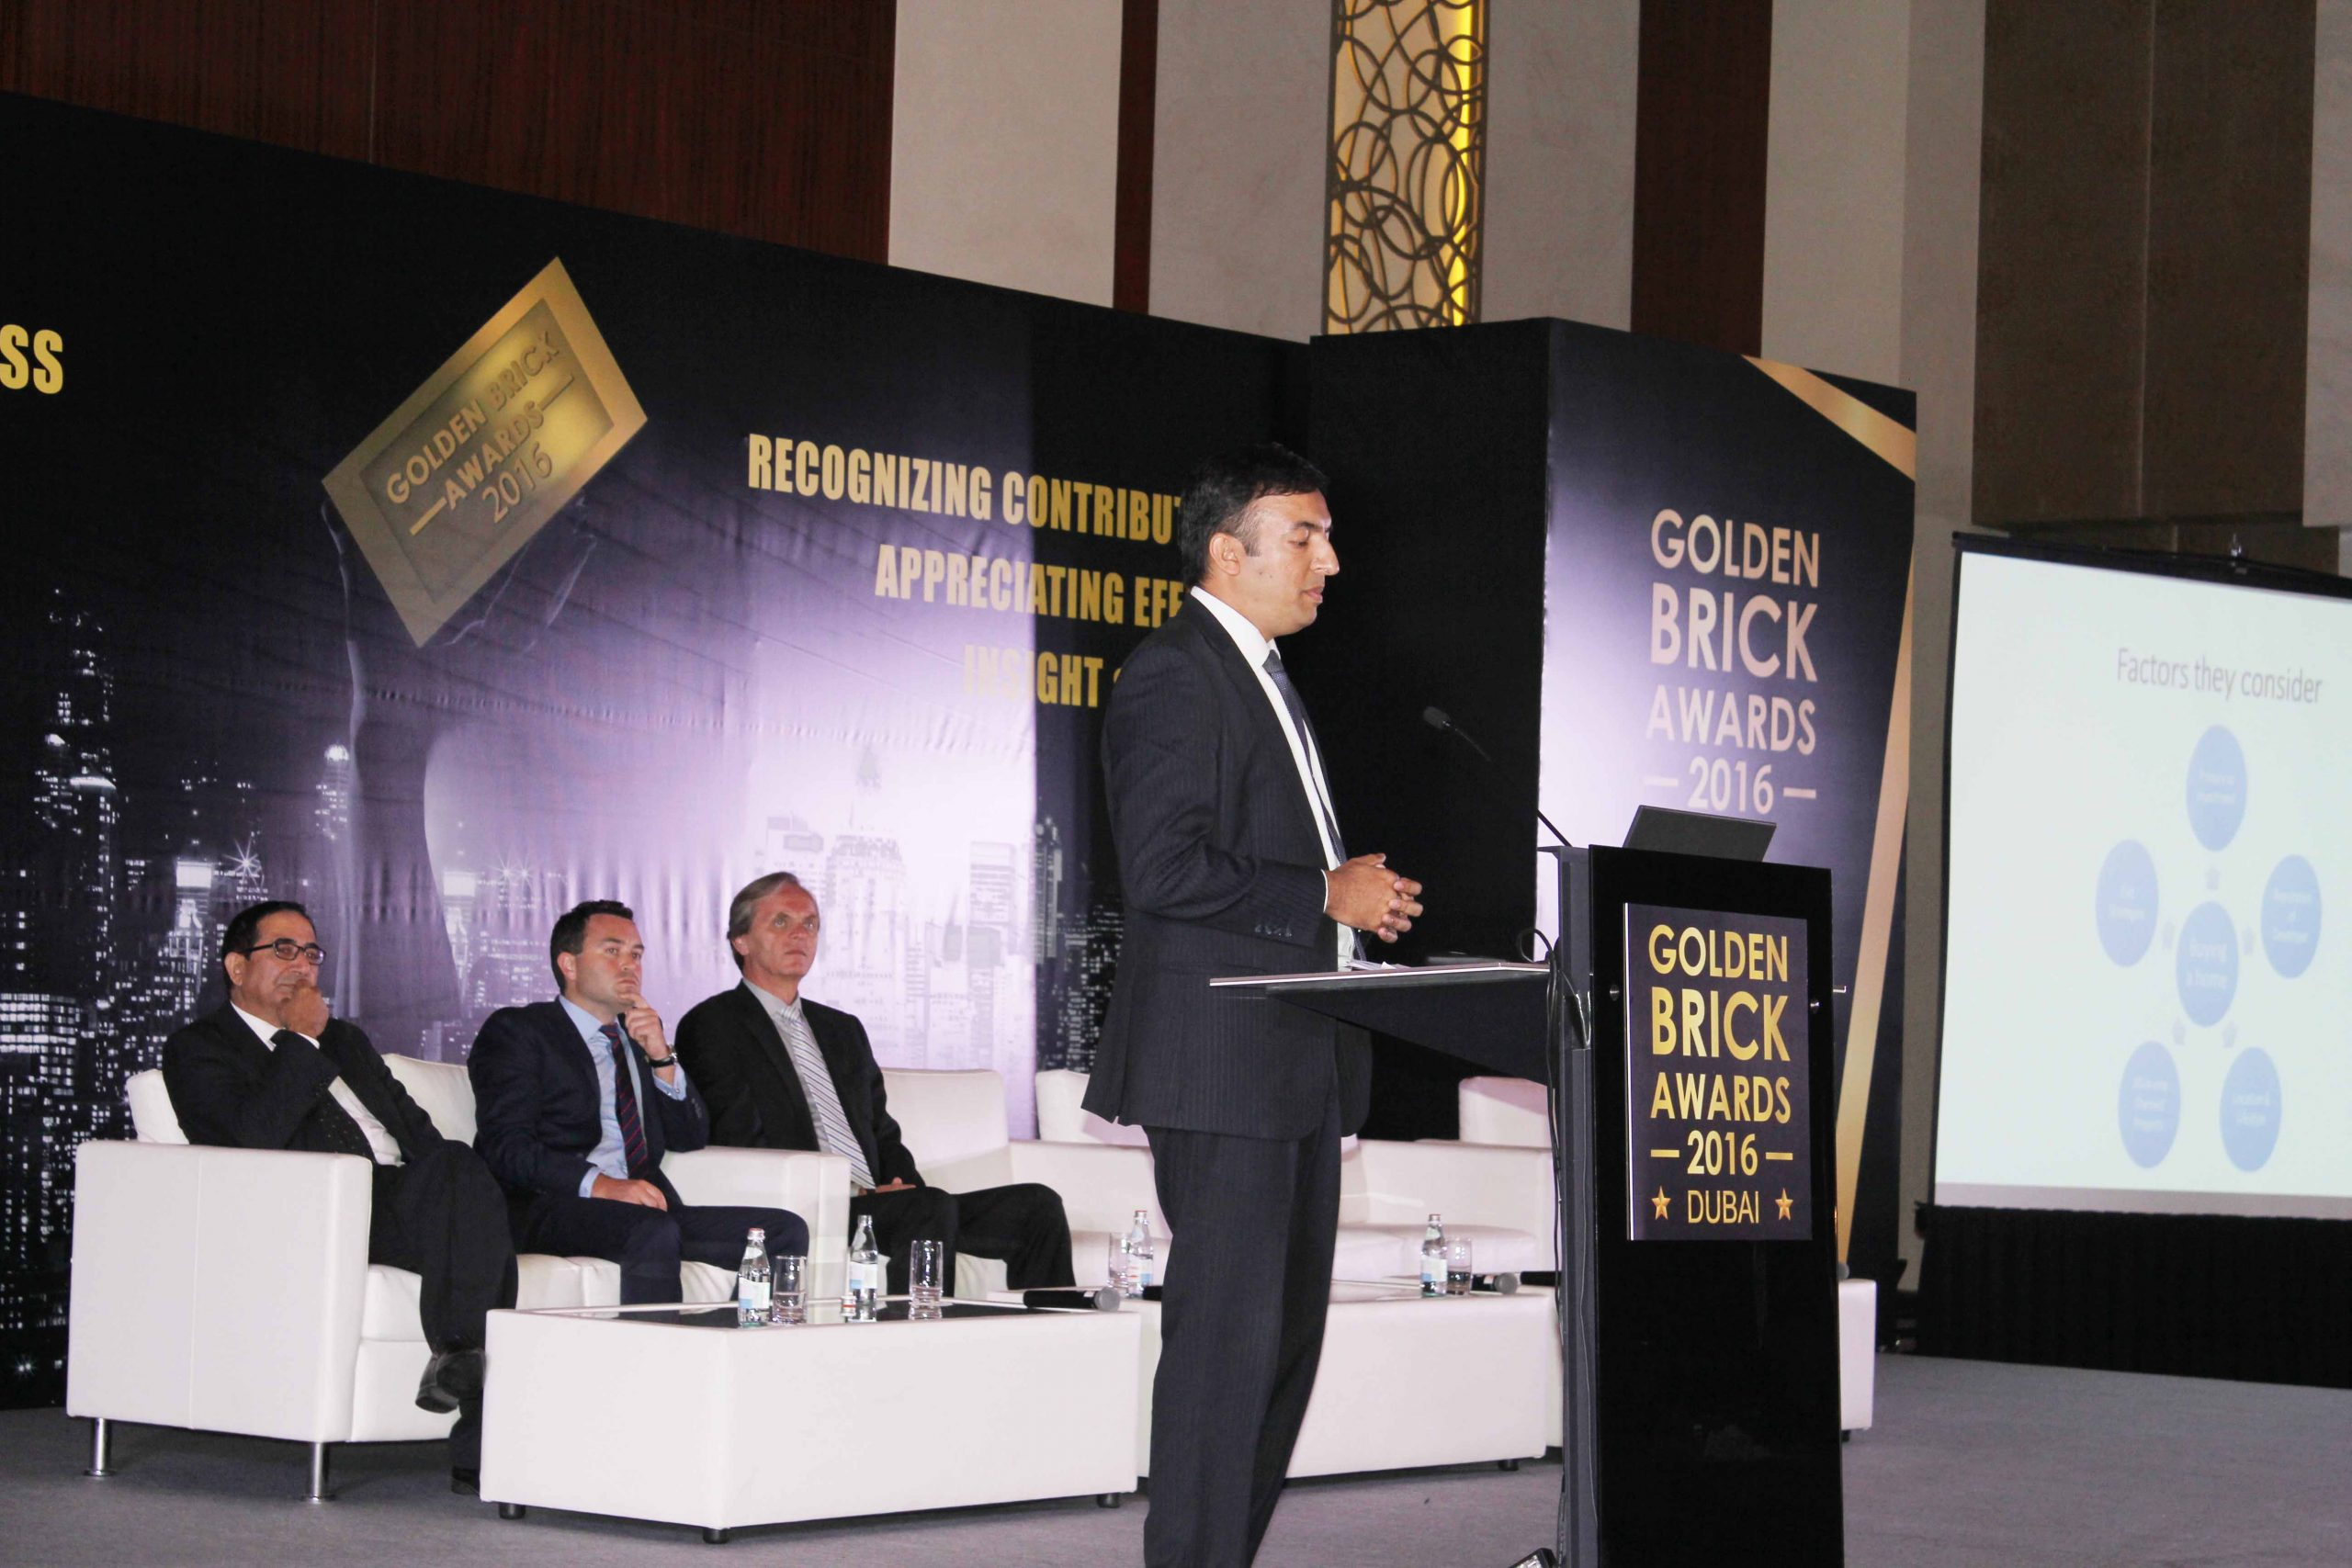 Golden Bricks Awards 2016